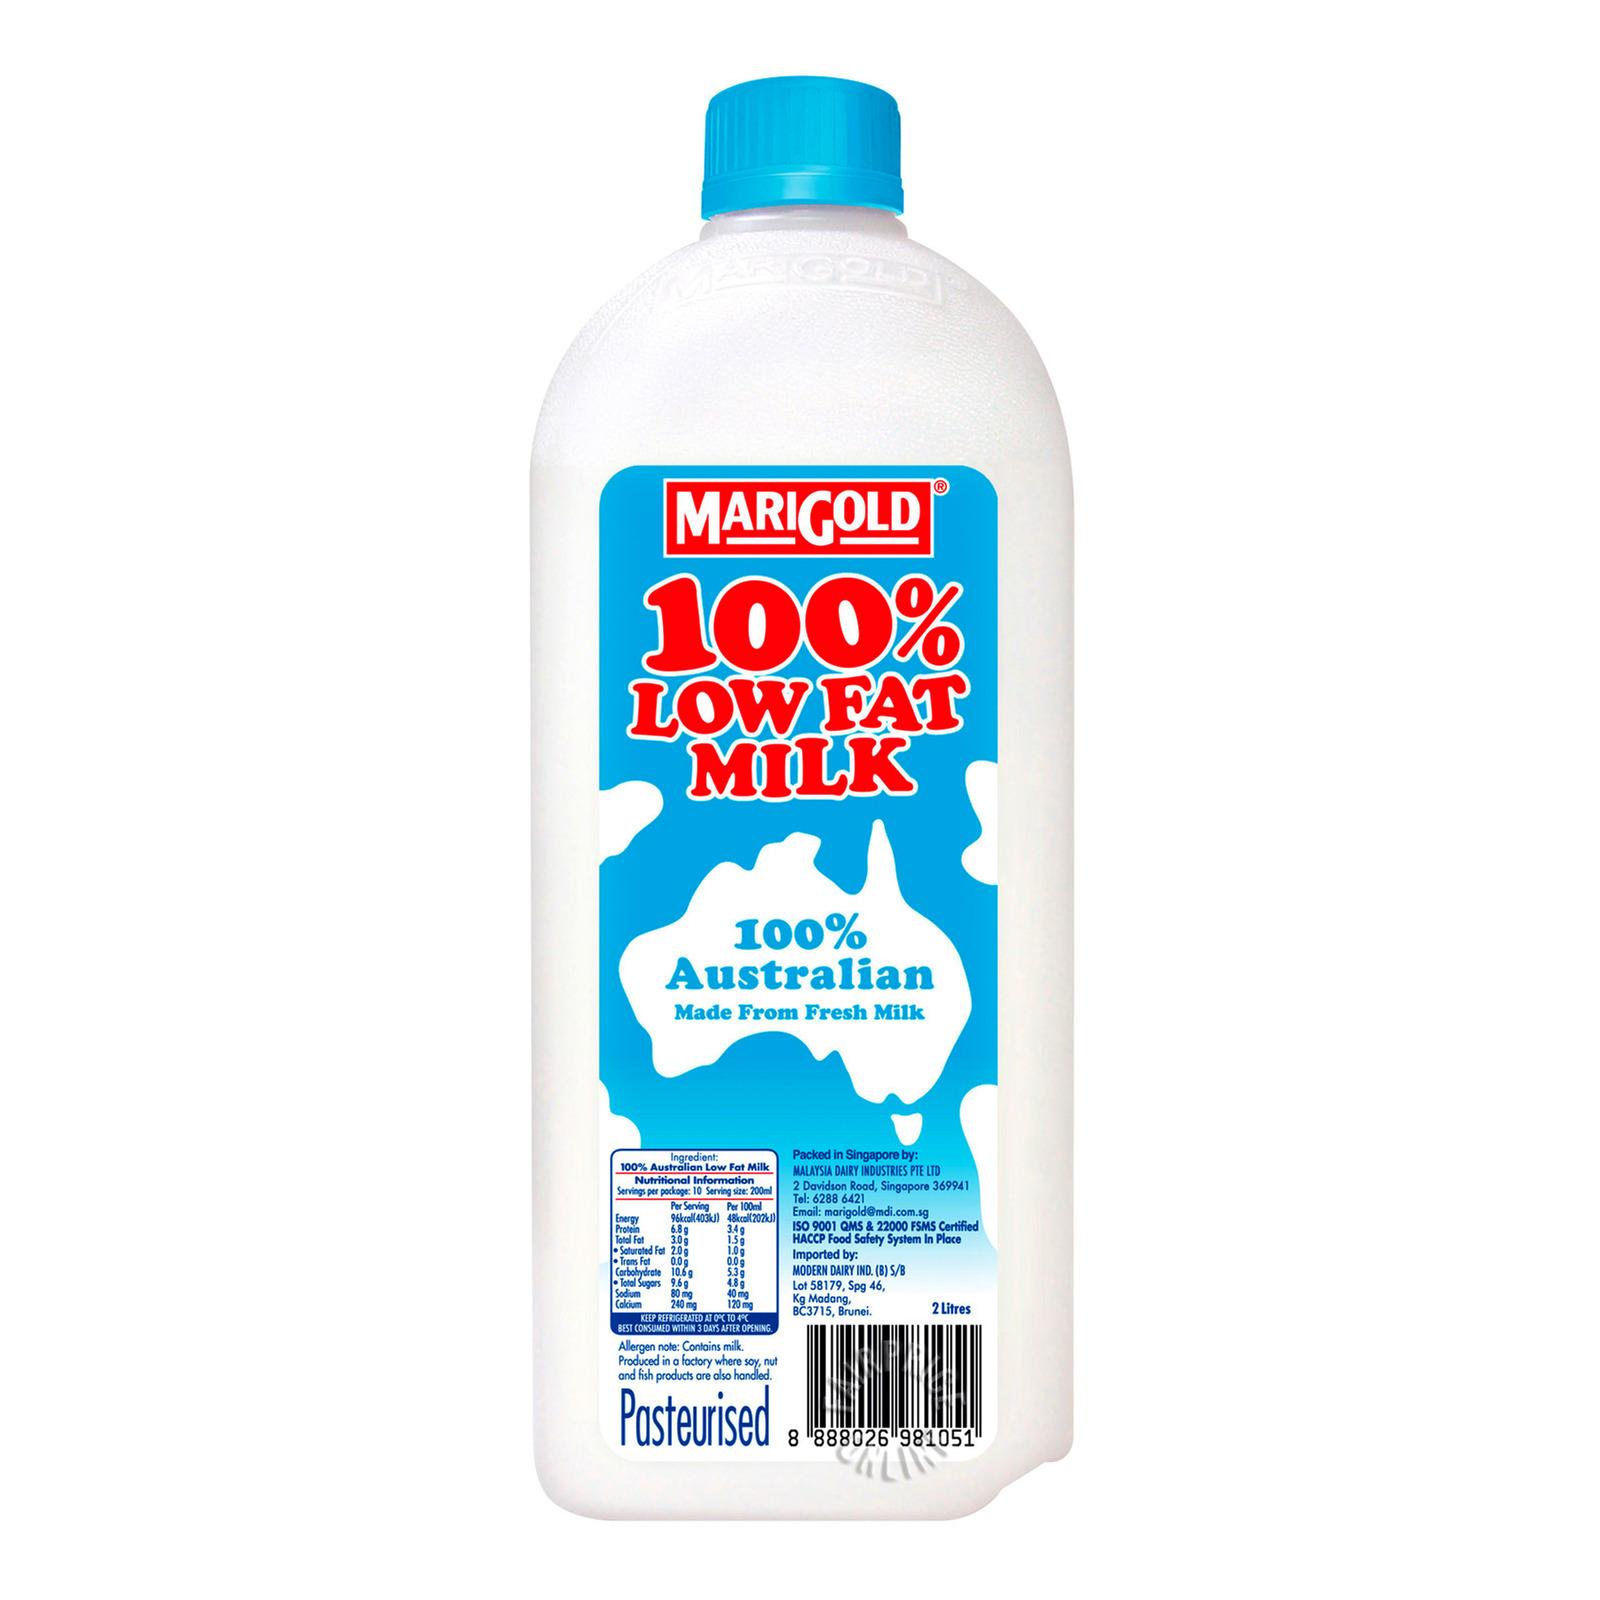 Marigold 100% Low Fat Bottle Milk